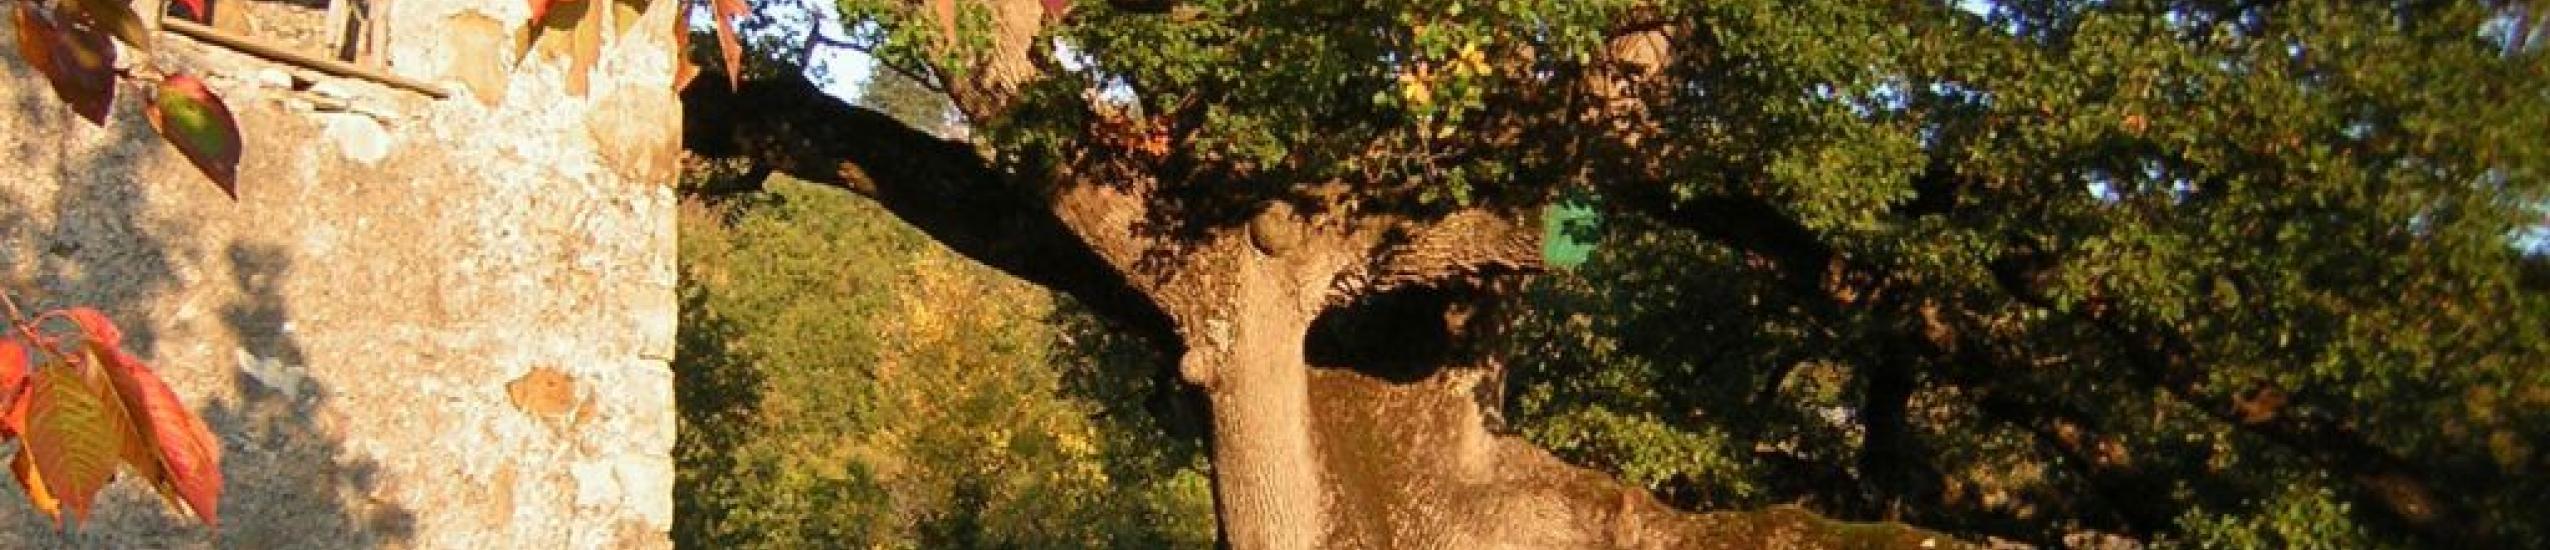 Quercia monumentale di Gosita - genere Roverella (0)